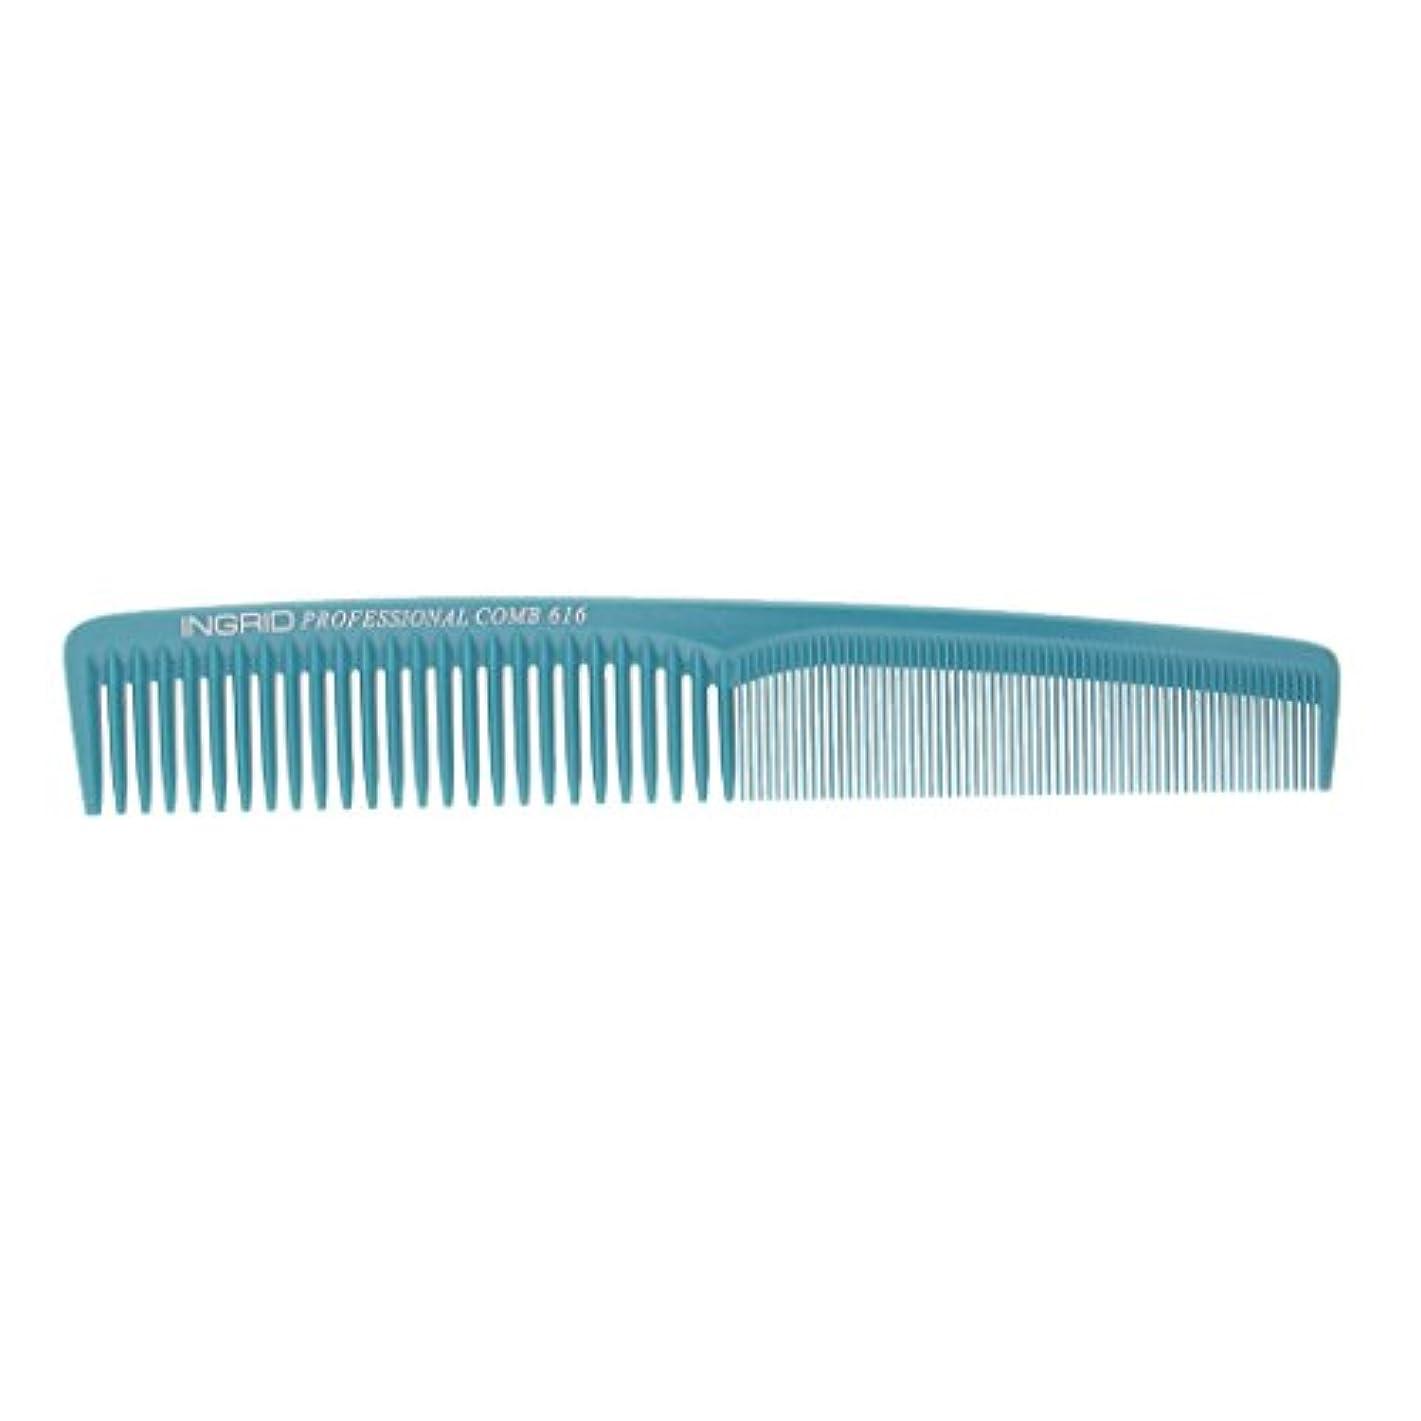 手足倒錯恥ずかしいFutuHome ファッショナブルなヘアカット理髪師美容院プラスチック製の櫛 - ライトブルー